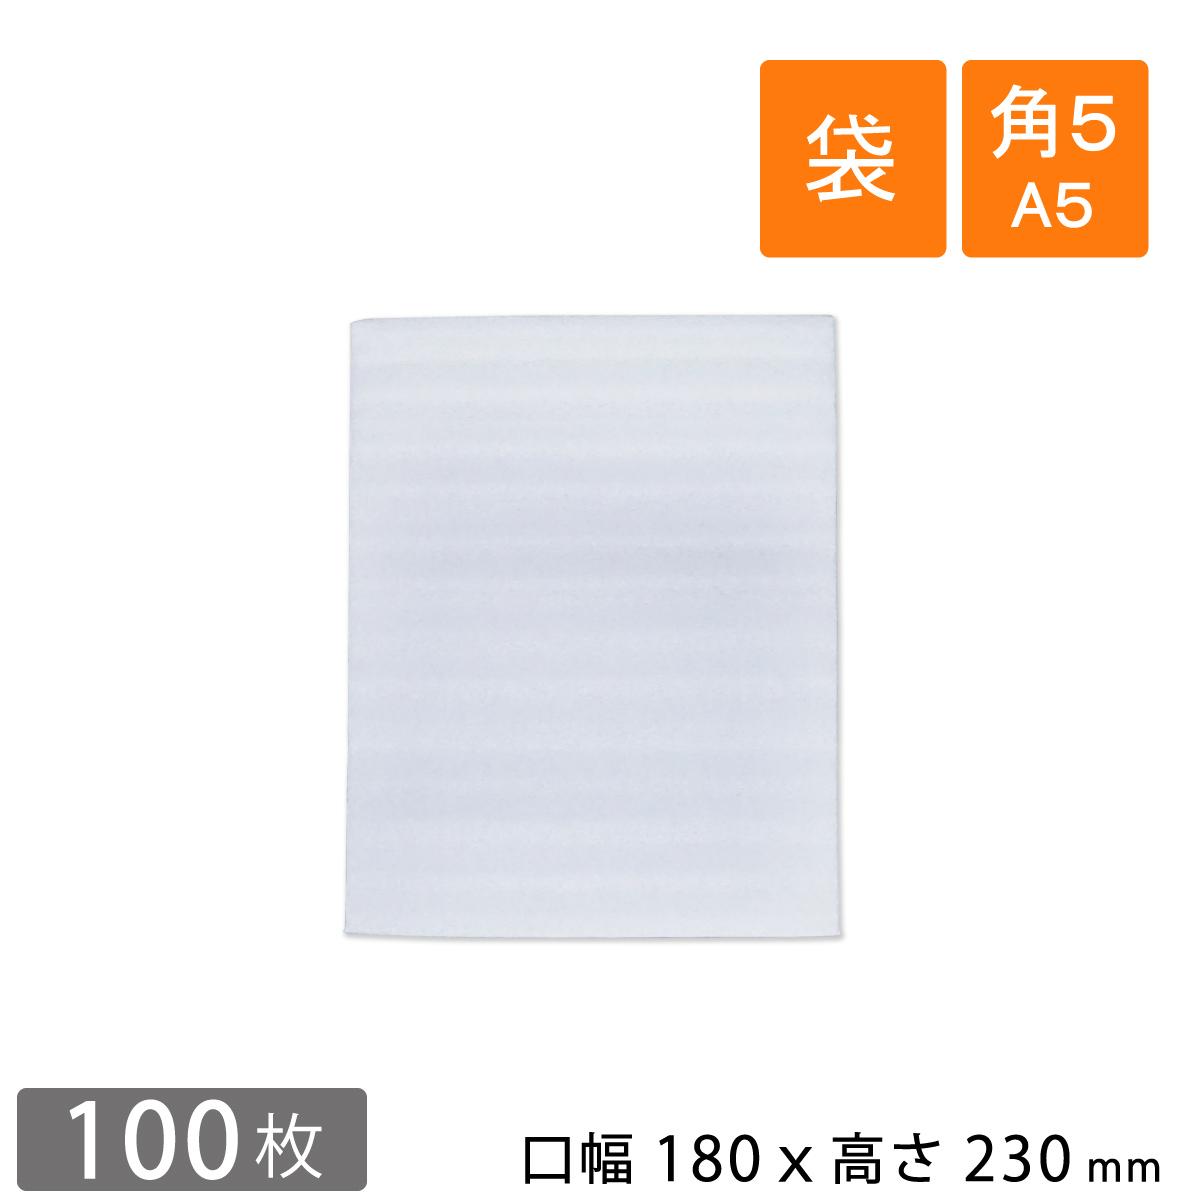 【100枚】雑貨の梱包、簡易保冷袋にも  ライトロン袋 ミラーマット袋 180×230mm A5 角5 厚さ1mm 100枚